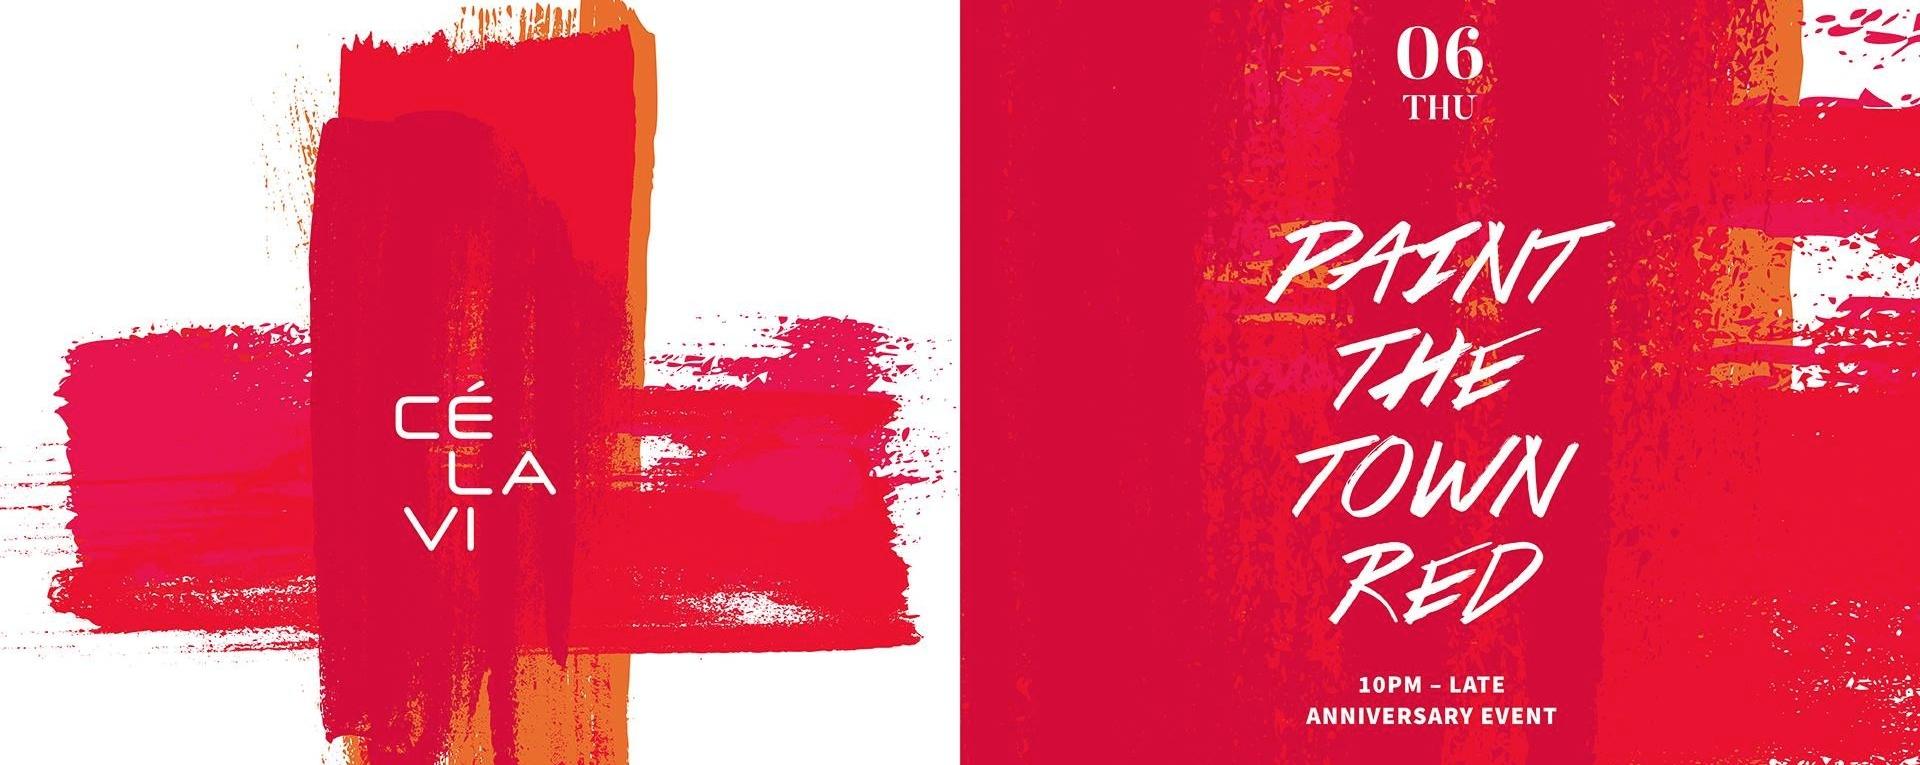 CÉ LA VI Anniversary Party: Paint the town RED!